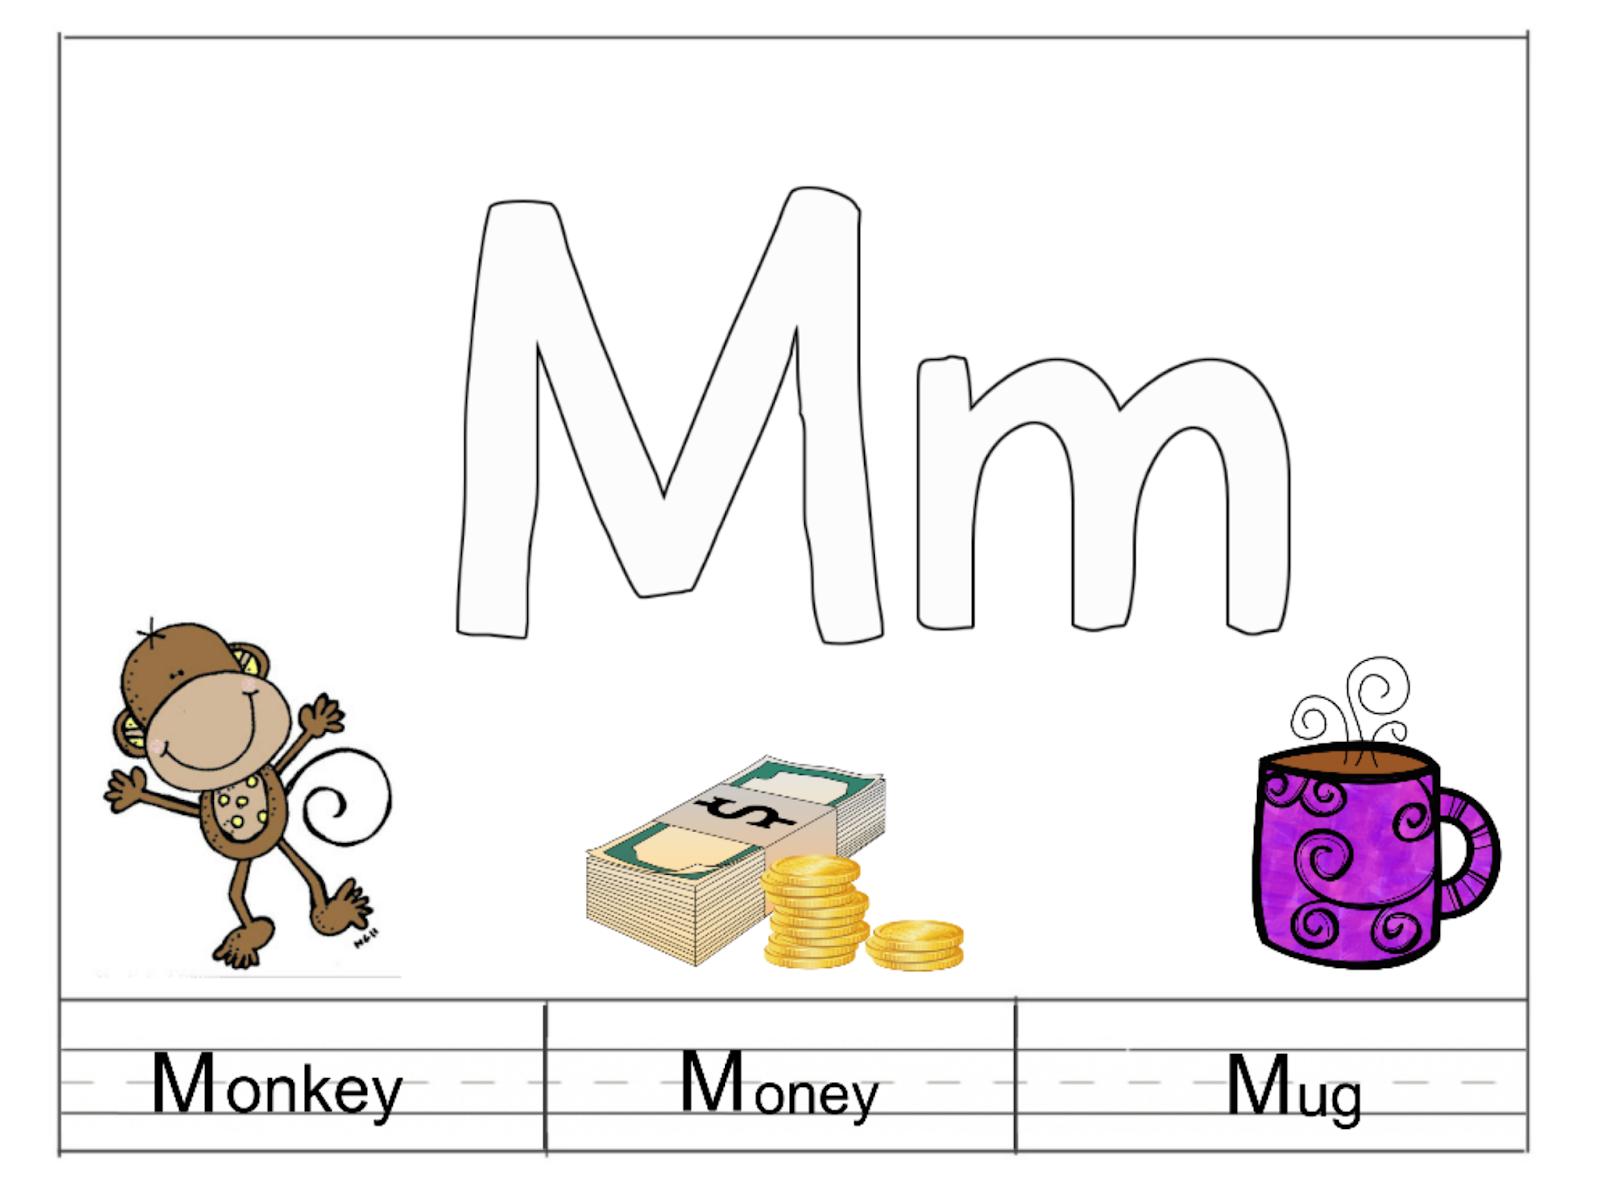 كلمات تبدأ بحرف M بالانجليزية